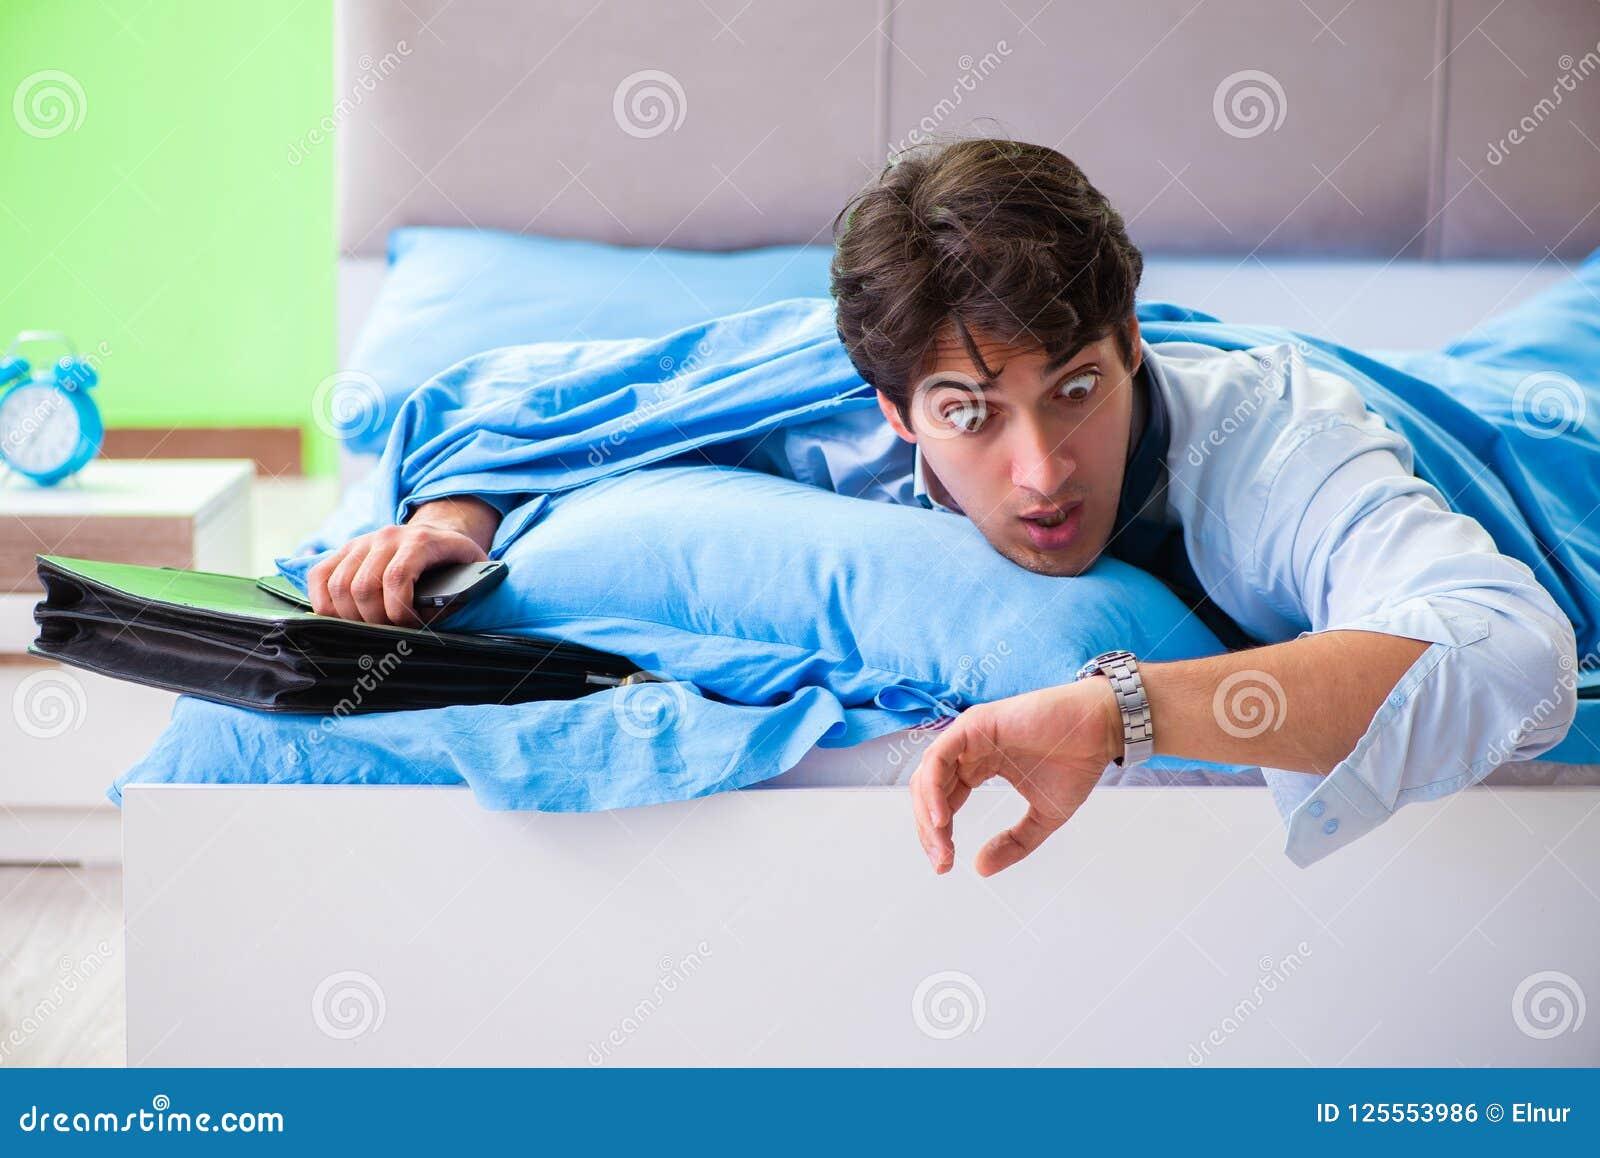 Ο υπάλληλος στην κρεβατοκάμαρα που είναι αργά για την εργασία του